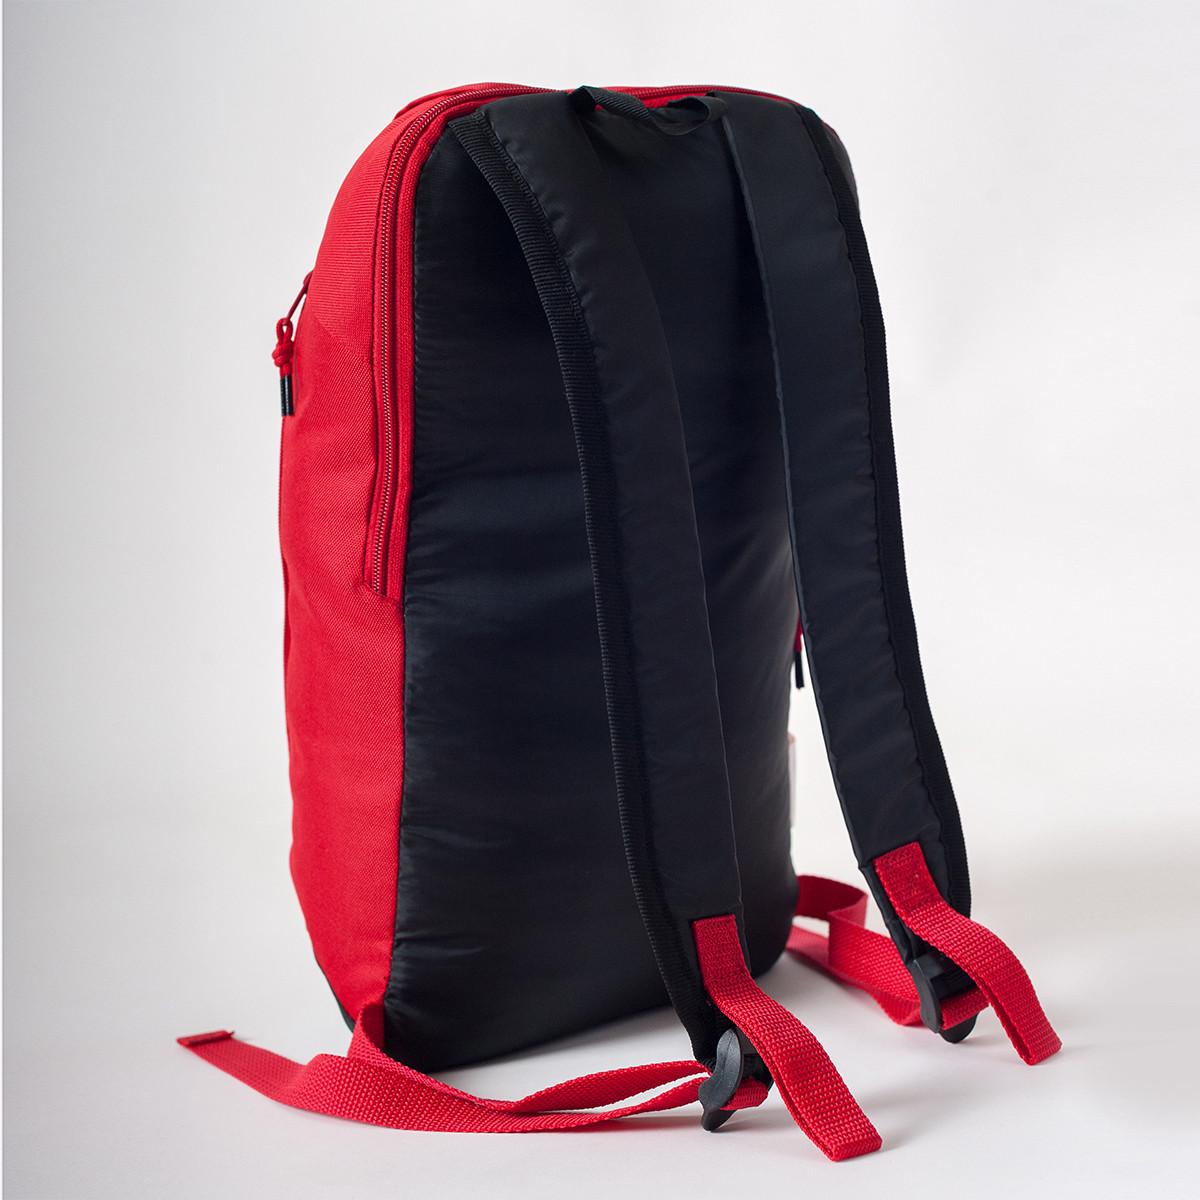 Спортивный рюкзак MAYERS 10L, красный + черный, фото 3